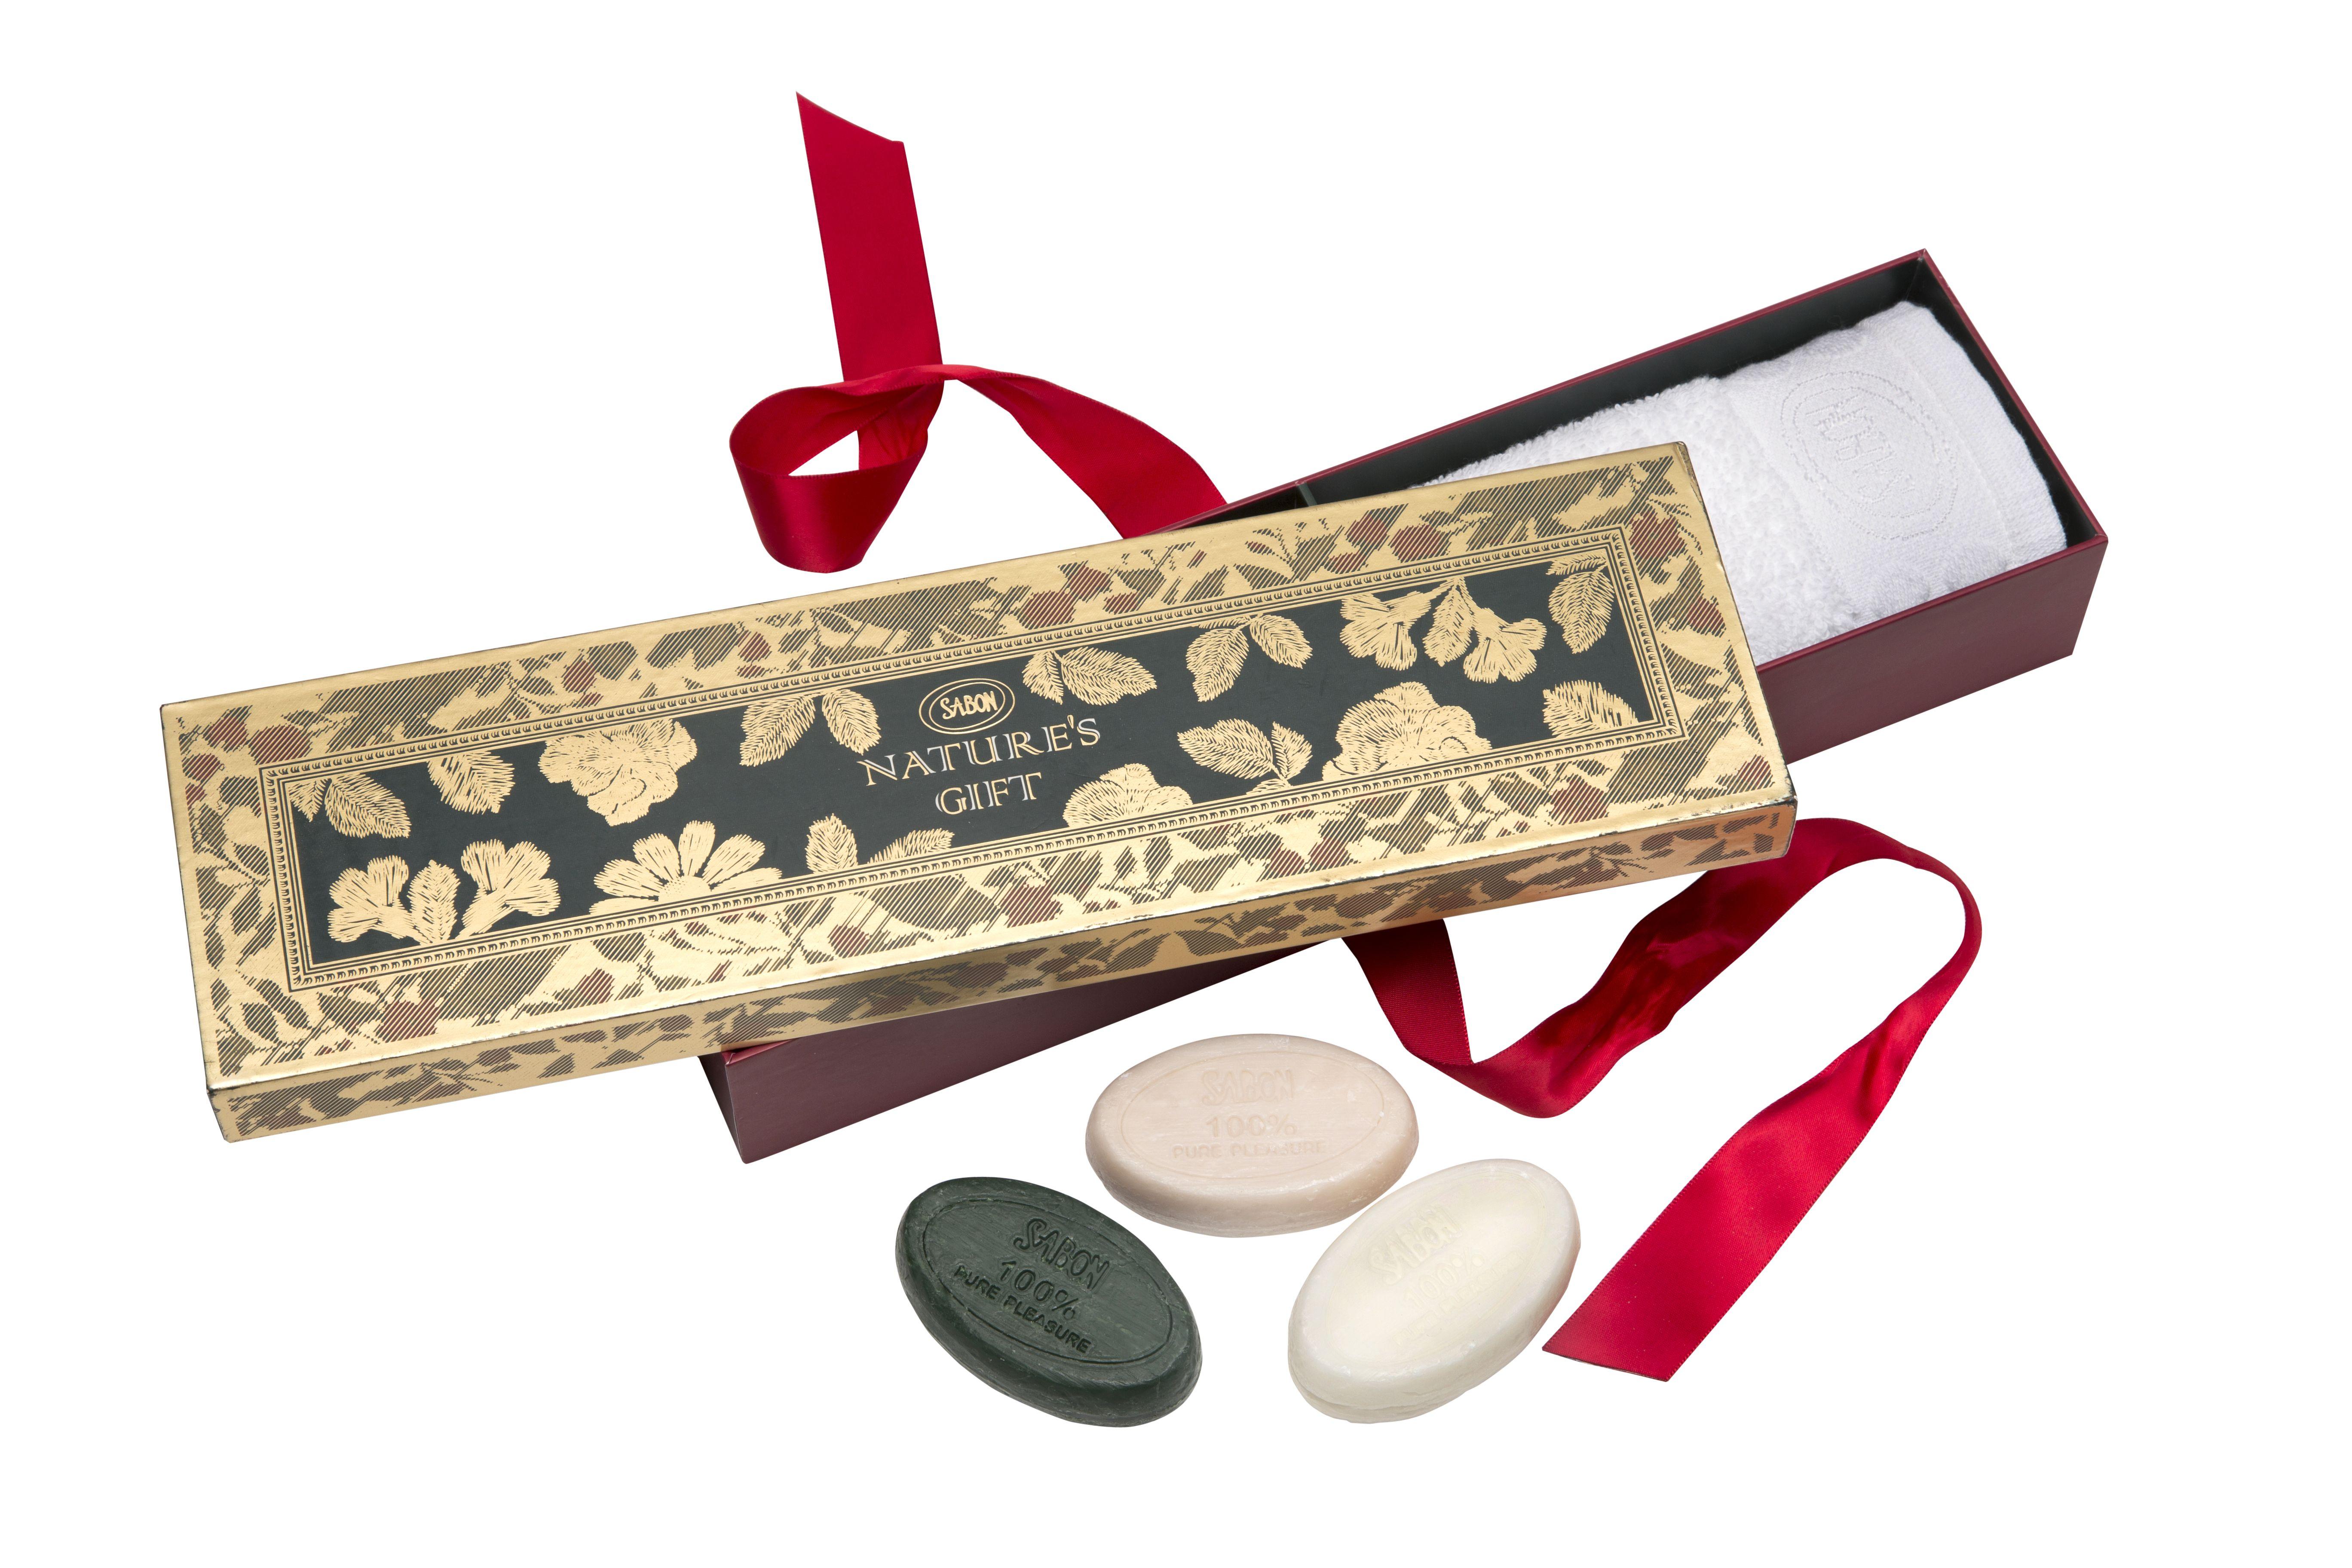 暮光森林香氛皂禮盒 NT 980